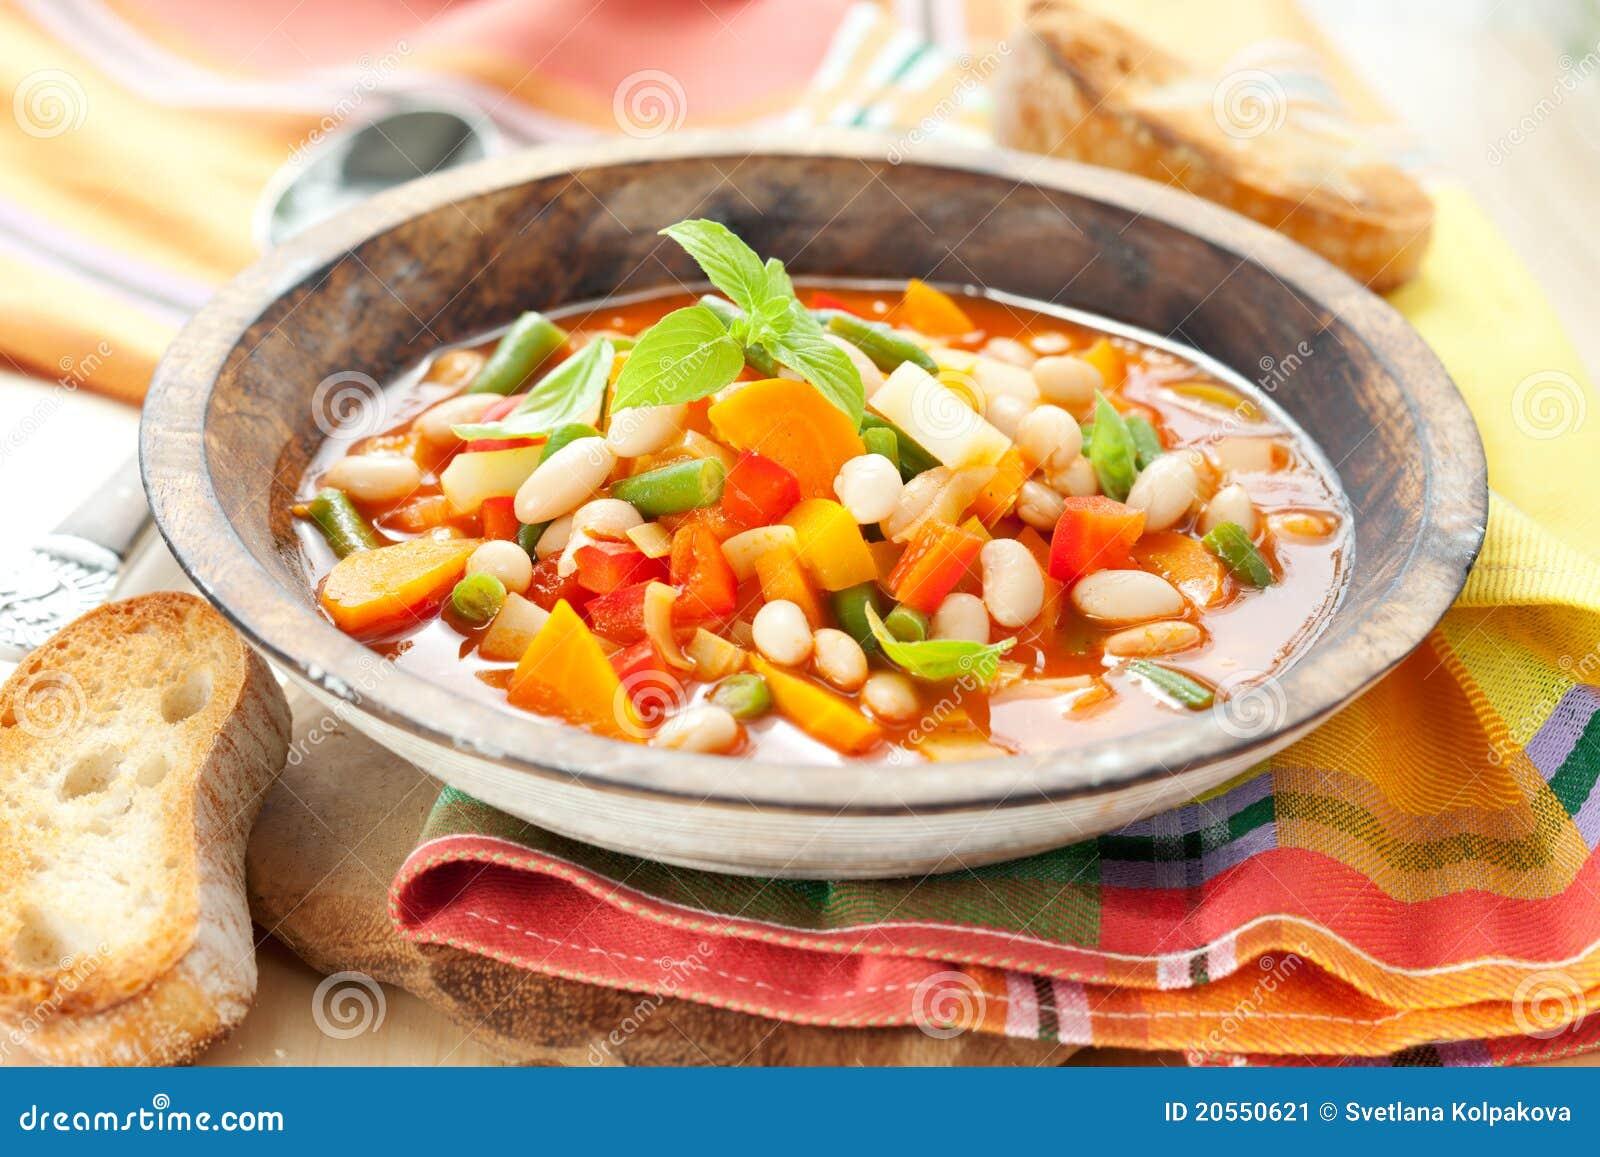 Приготовить минестроне овощной рецепт